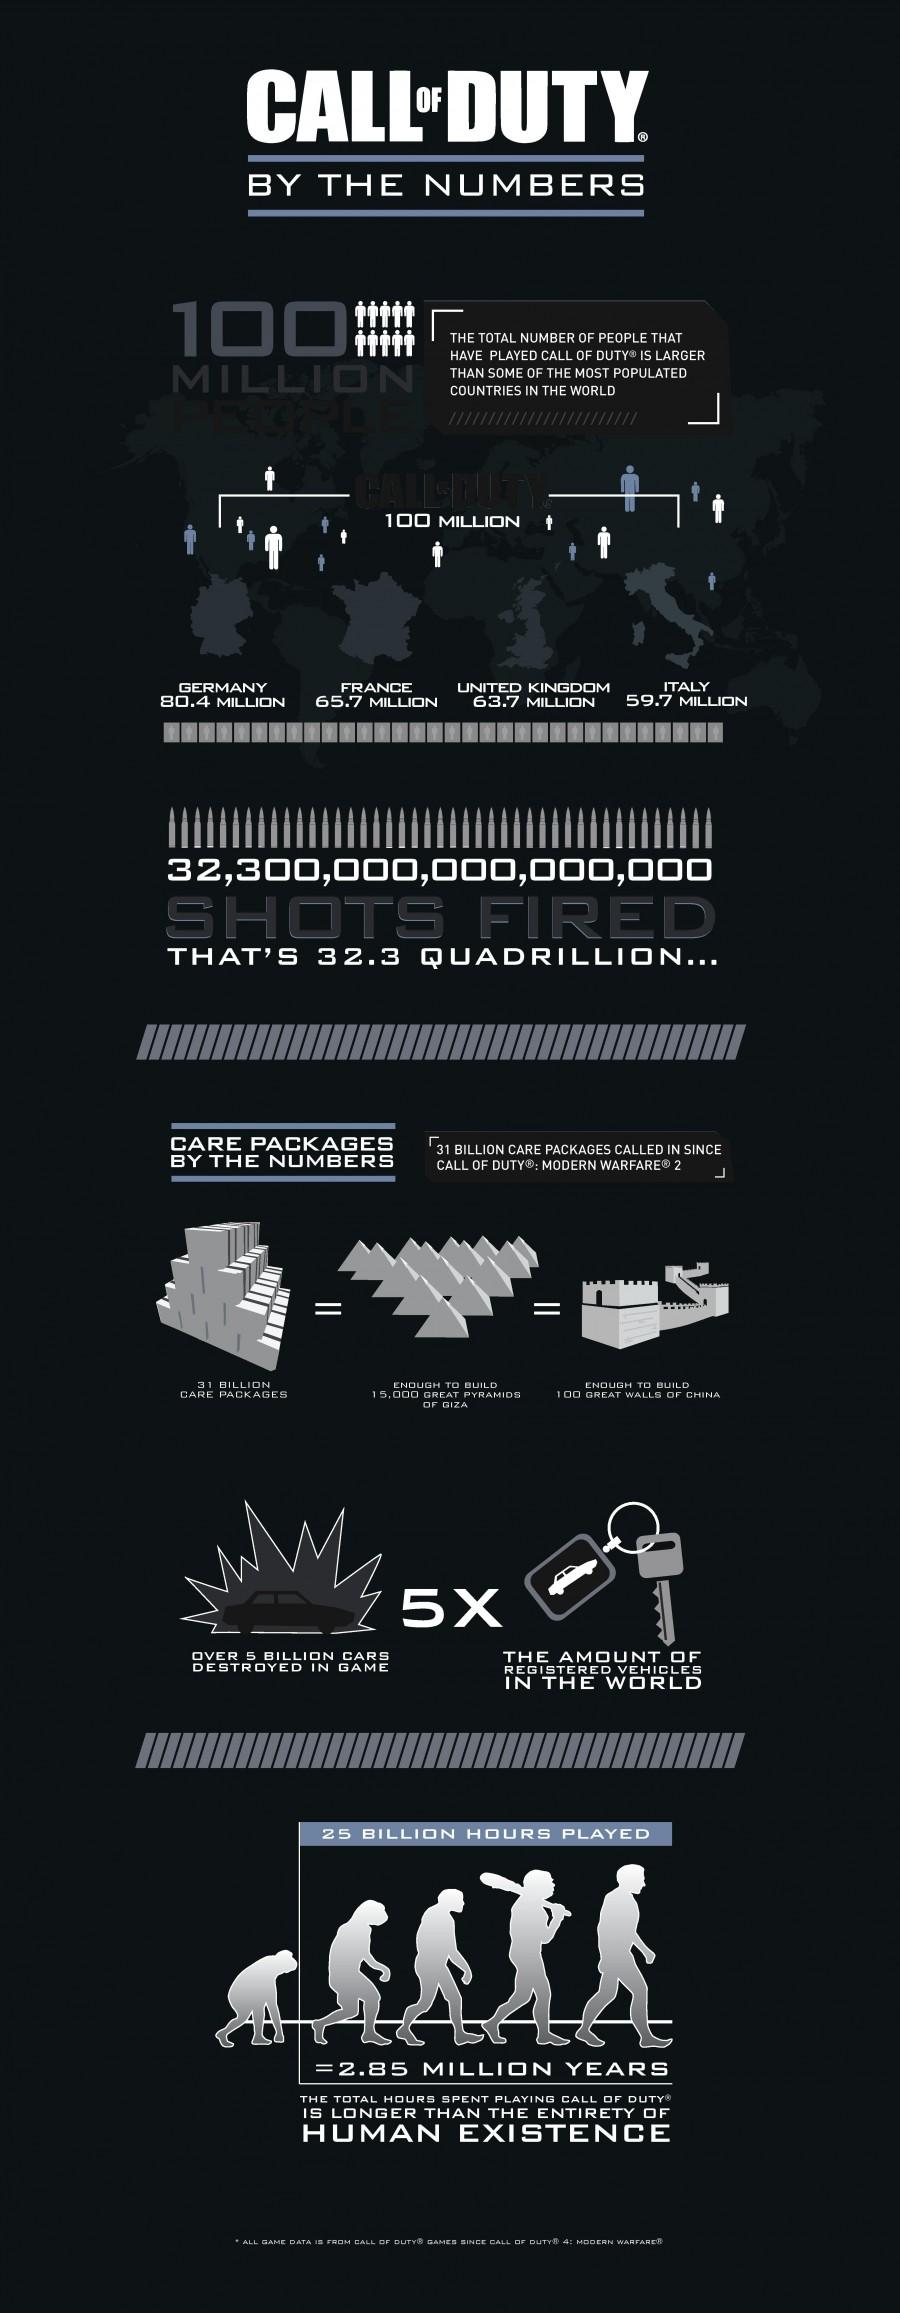 Call of Duty en chiffres par Activision